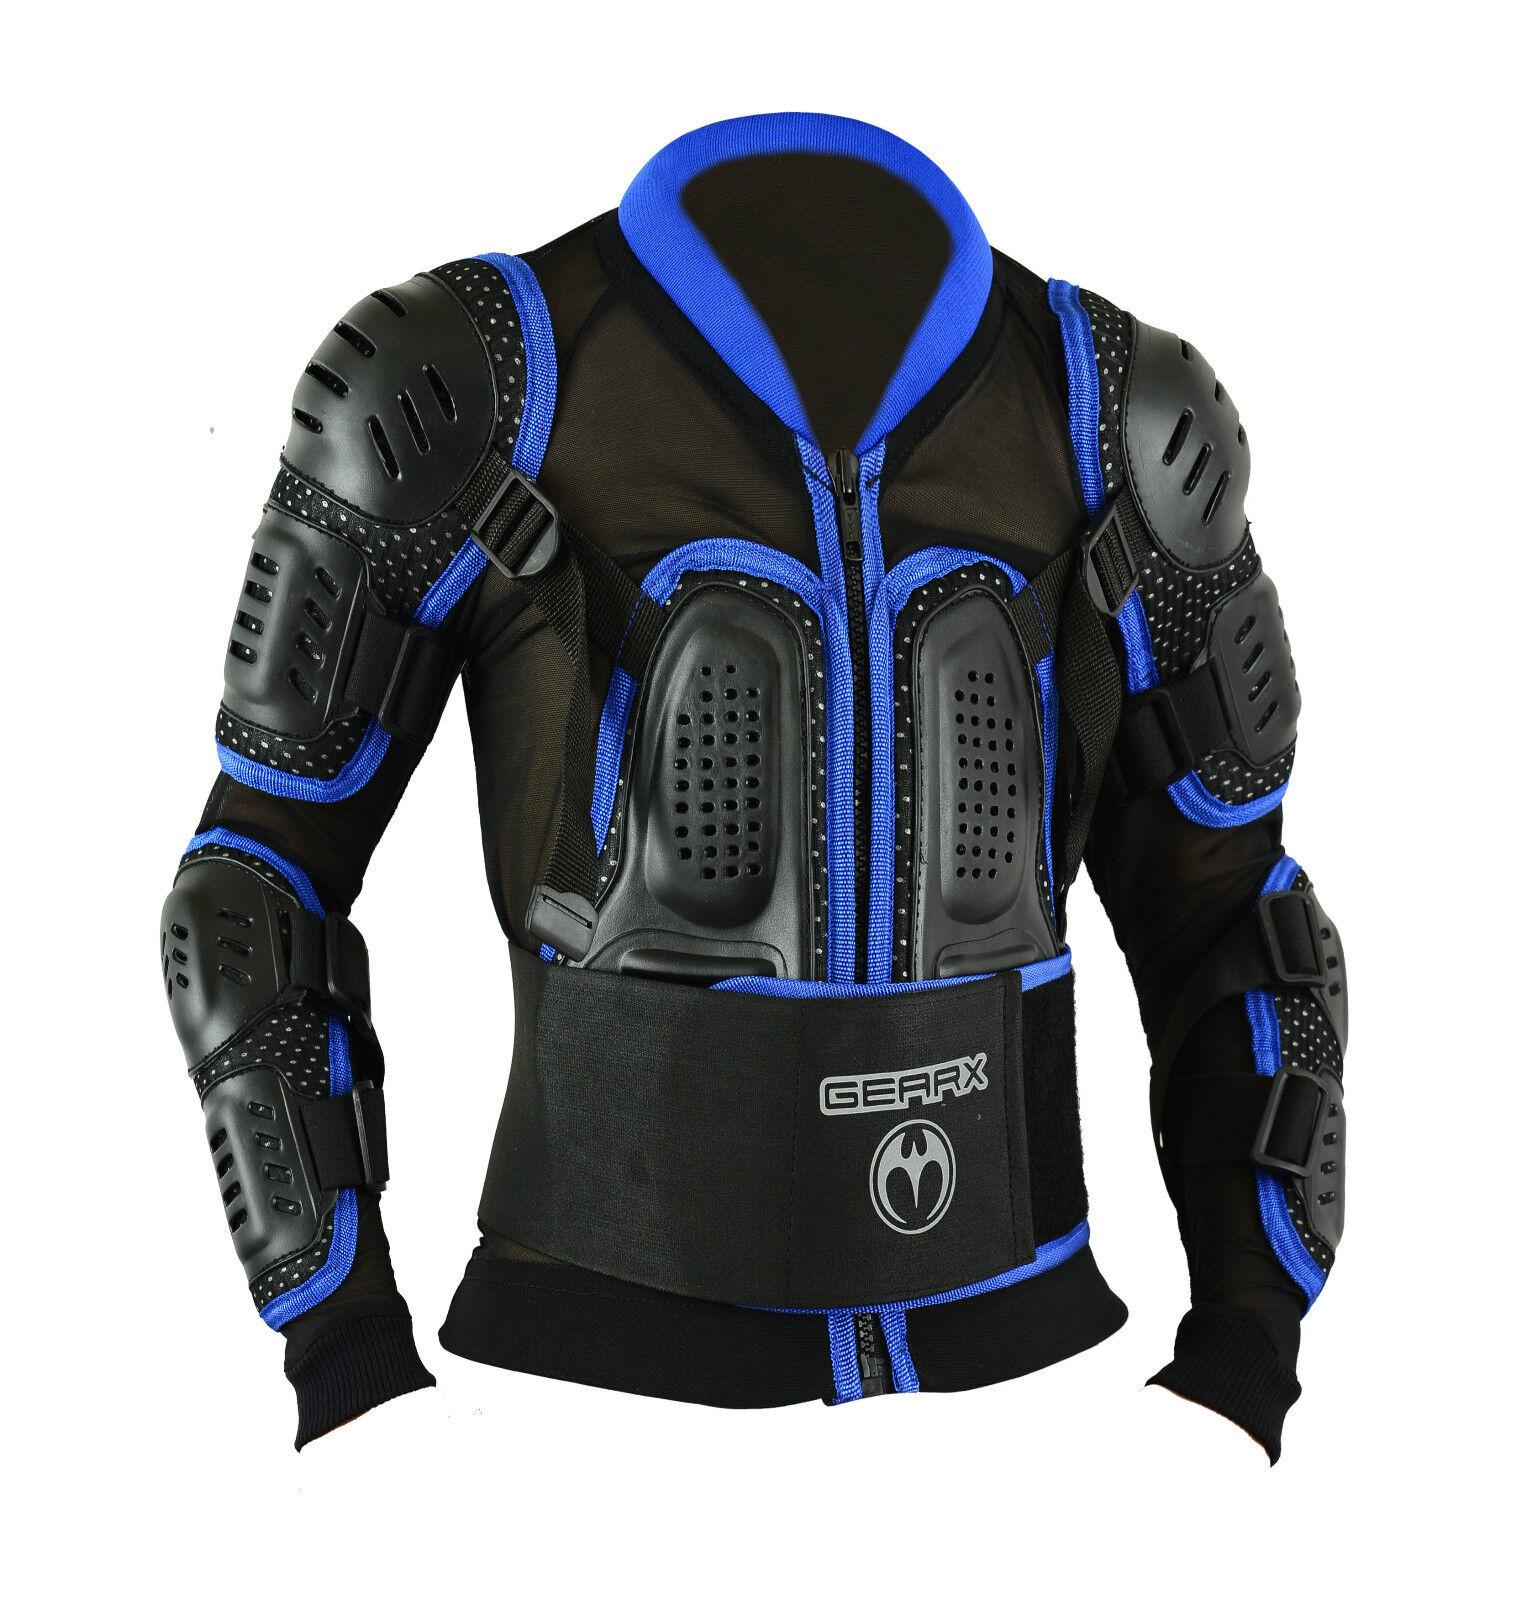 Bambini Blu Blu Blu Motocross Armatura Bambini Giovanile Spina Protezione Giacca 7f62a5